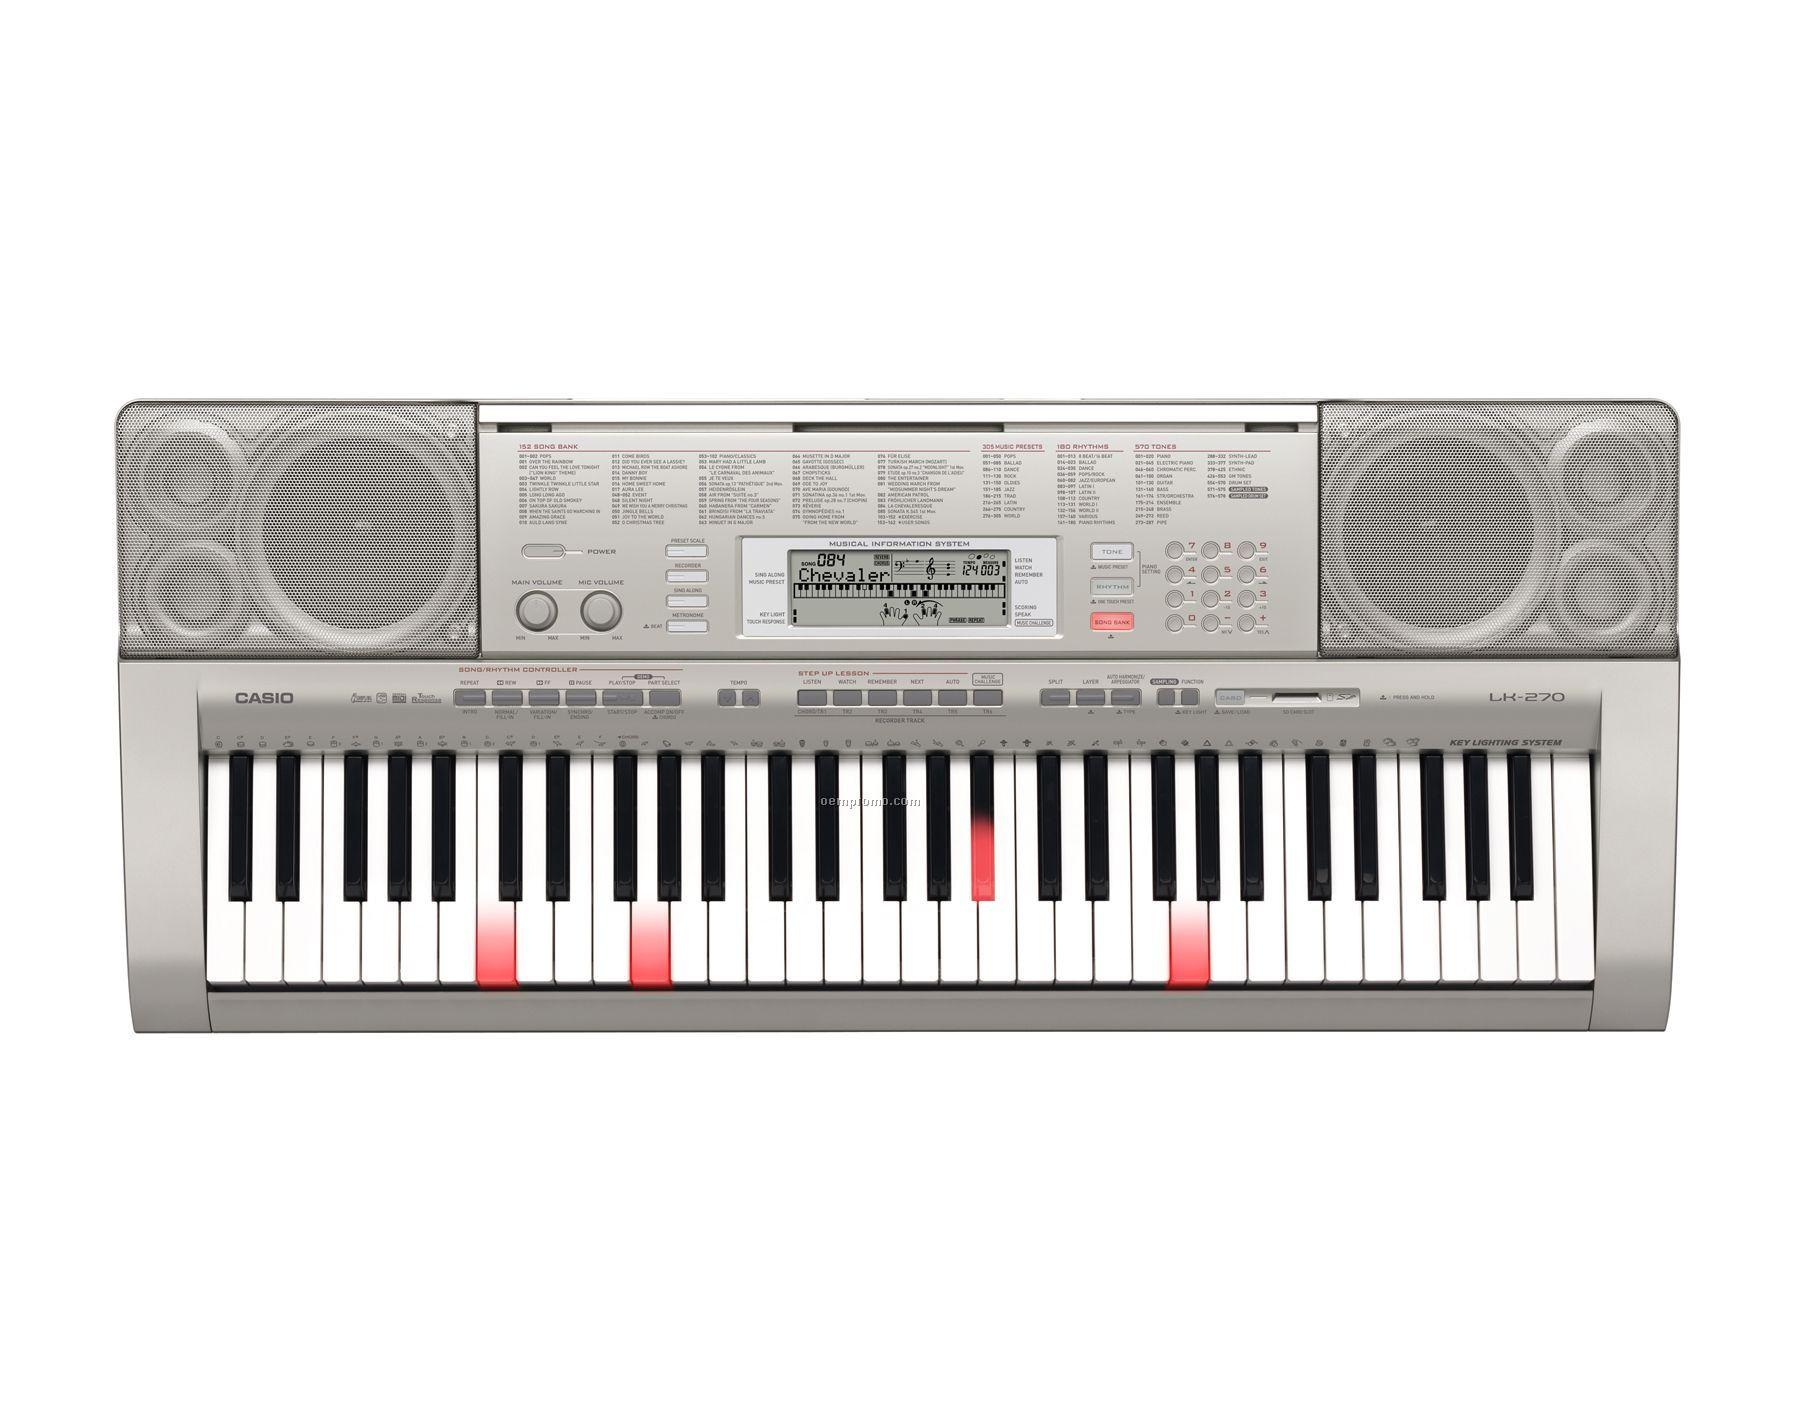 Casio keyboard coupon code